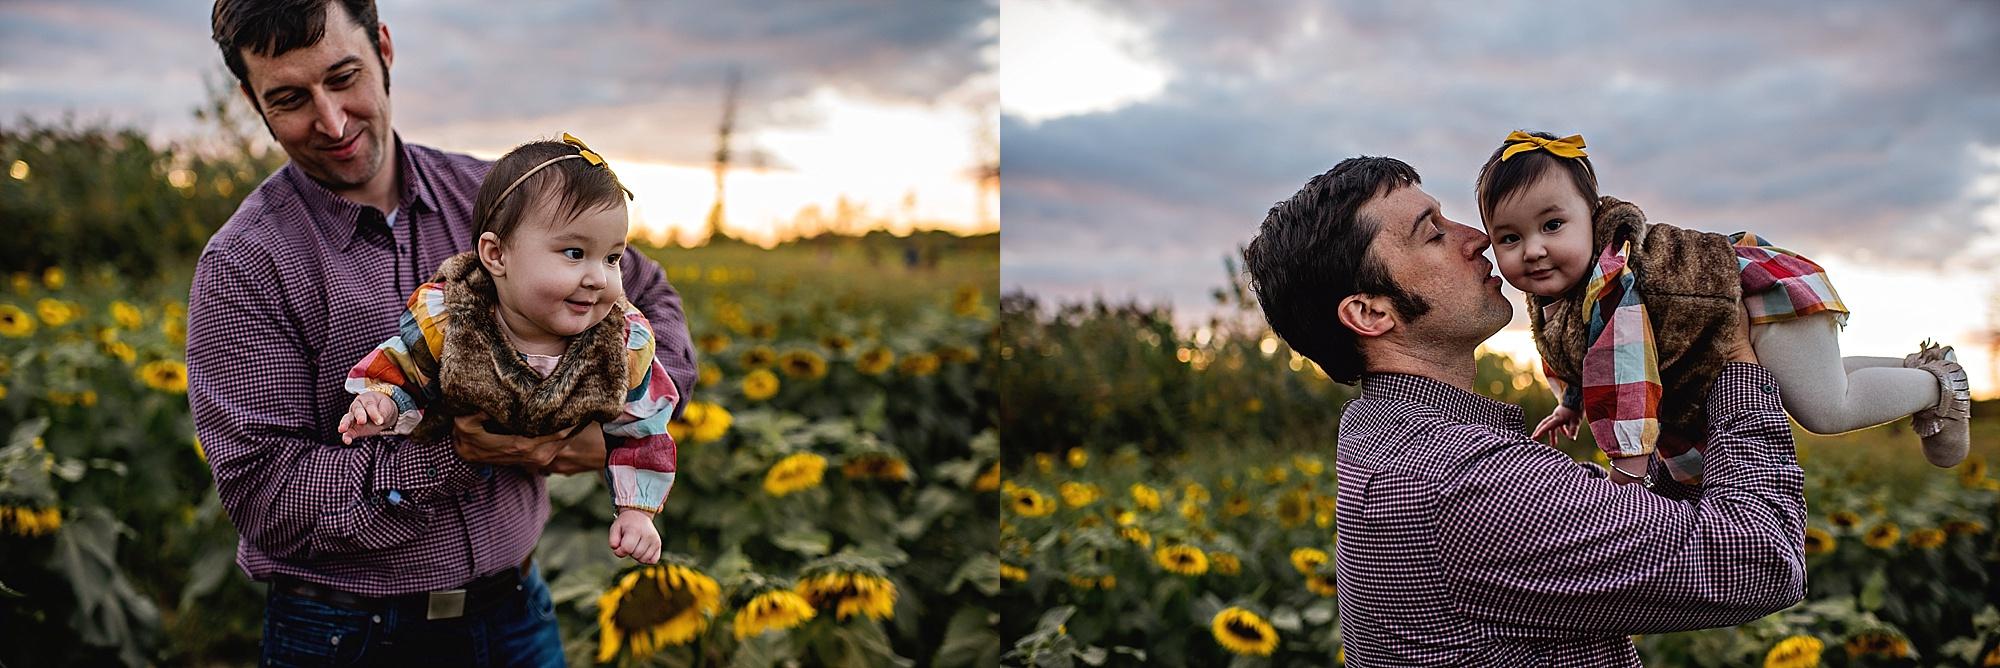 Turner-family-akron-ohio-photographer-lauren-grayson-sunflower-field-session_0020.jpg